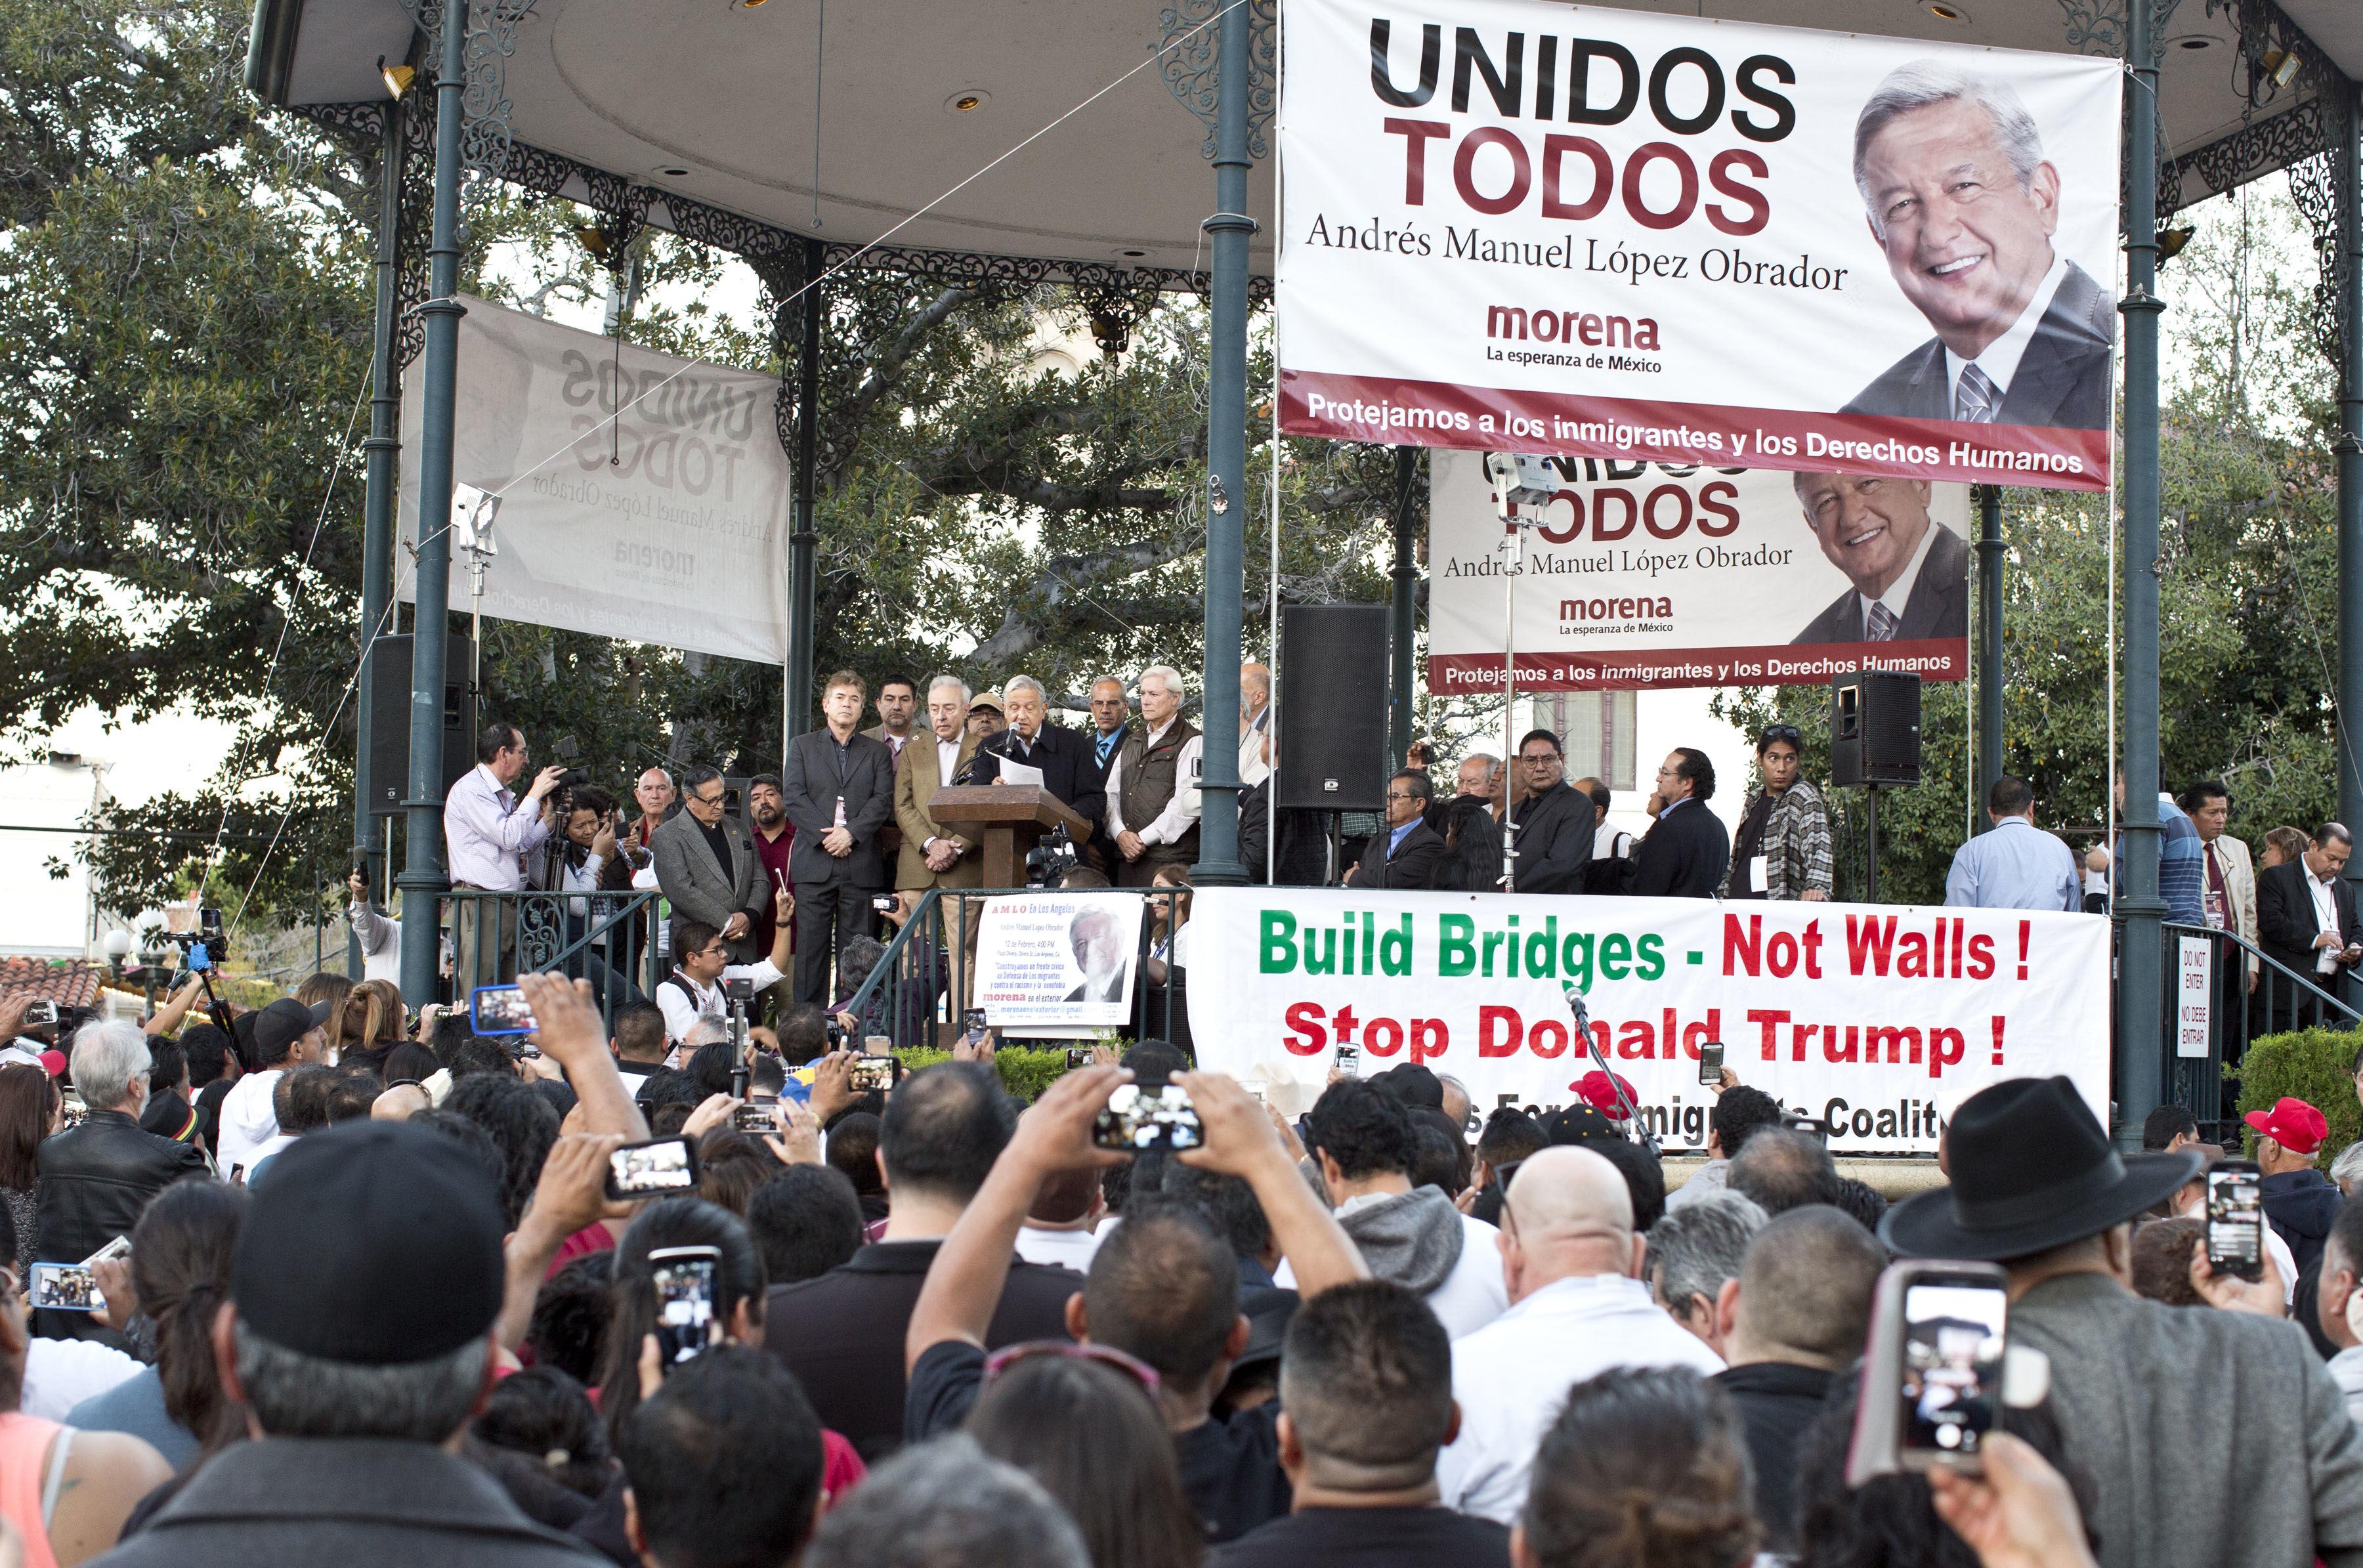 """López Obrador afirma que la """"campaña contra los inmigrantes"""" responde a un interés político Ciudadanos escuchan al líder del partido Movimiento de Regeneración Nacional (MORENA) Andrés Manuel López Obrador, hoy domingo 12 de febrero de 2017, en la Placita Olvera, en Los Ángeles (Estados Unidos). EFE"""